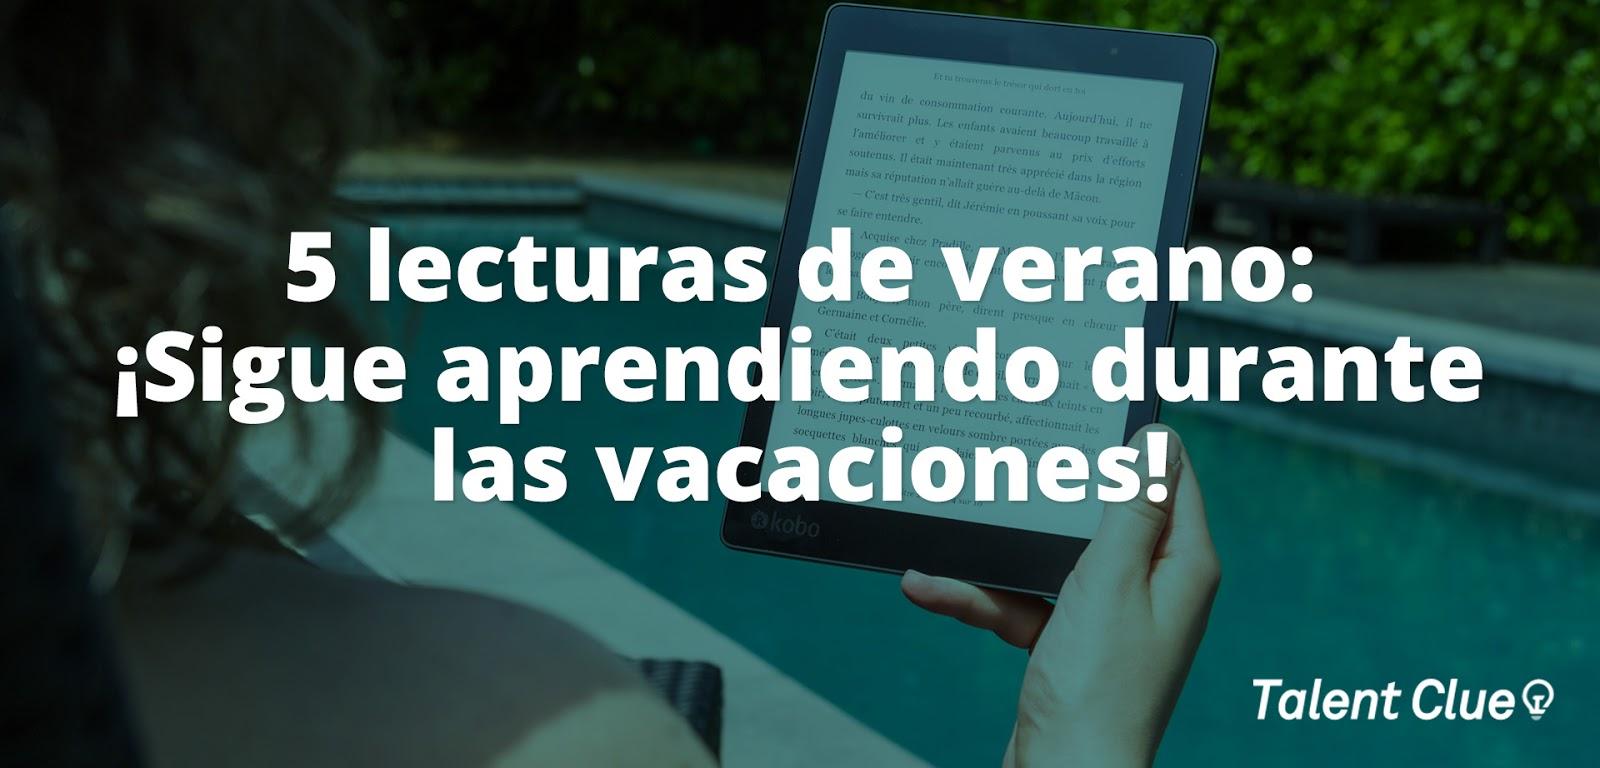 5 lecturas de verano: ¡Sigue aprendiendo durante las vacaciones!